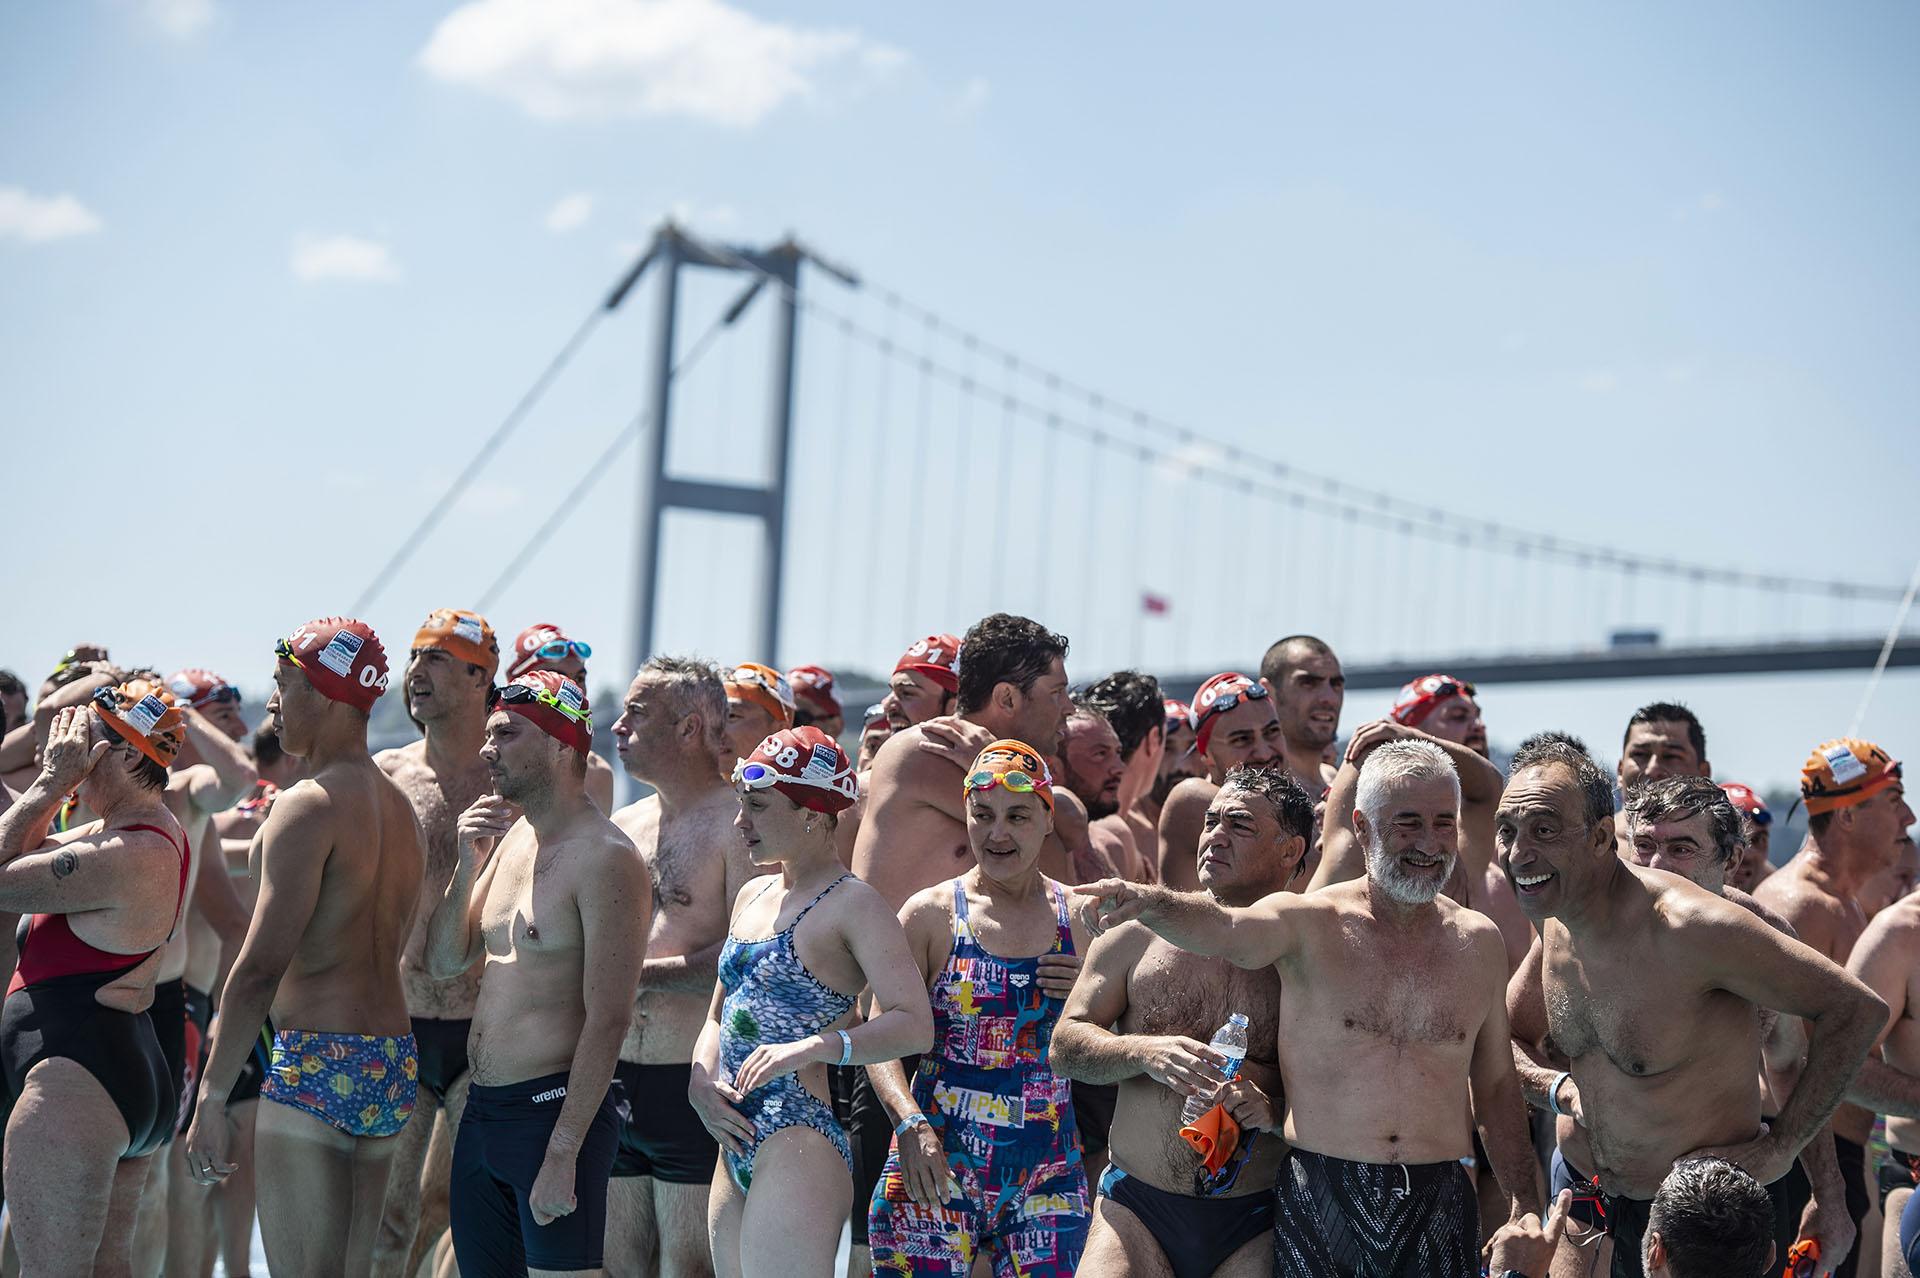 Los requisitos para participar son tener una licencia de natación o una carta de un entrenador profesional y abonar 200euros